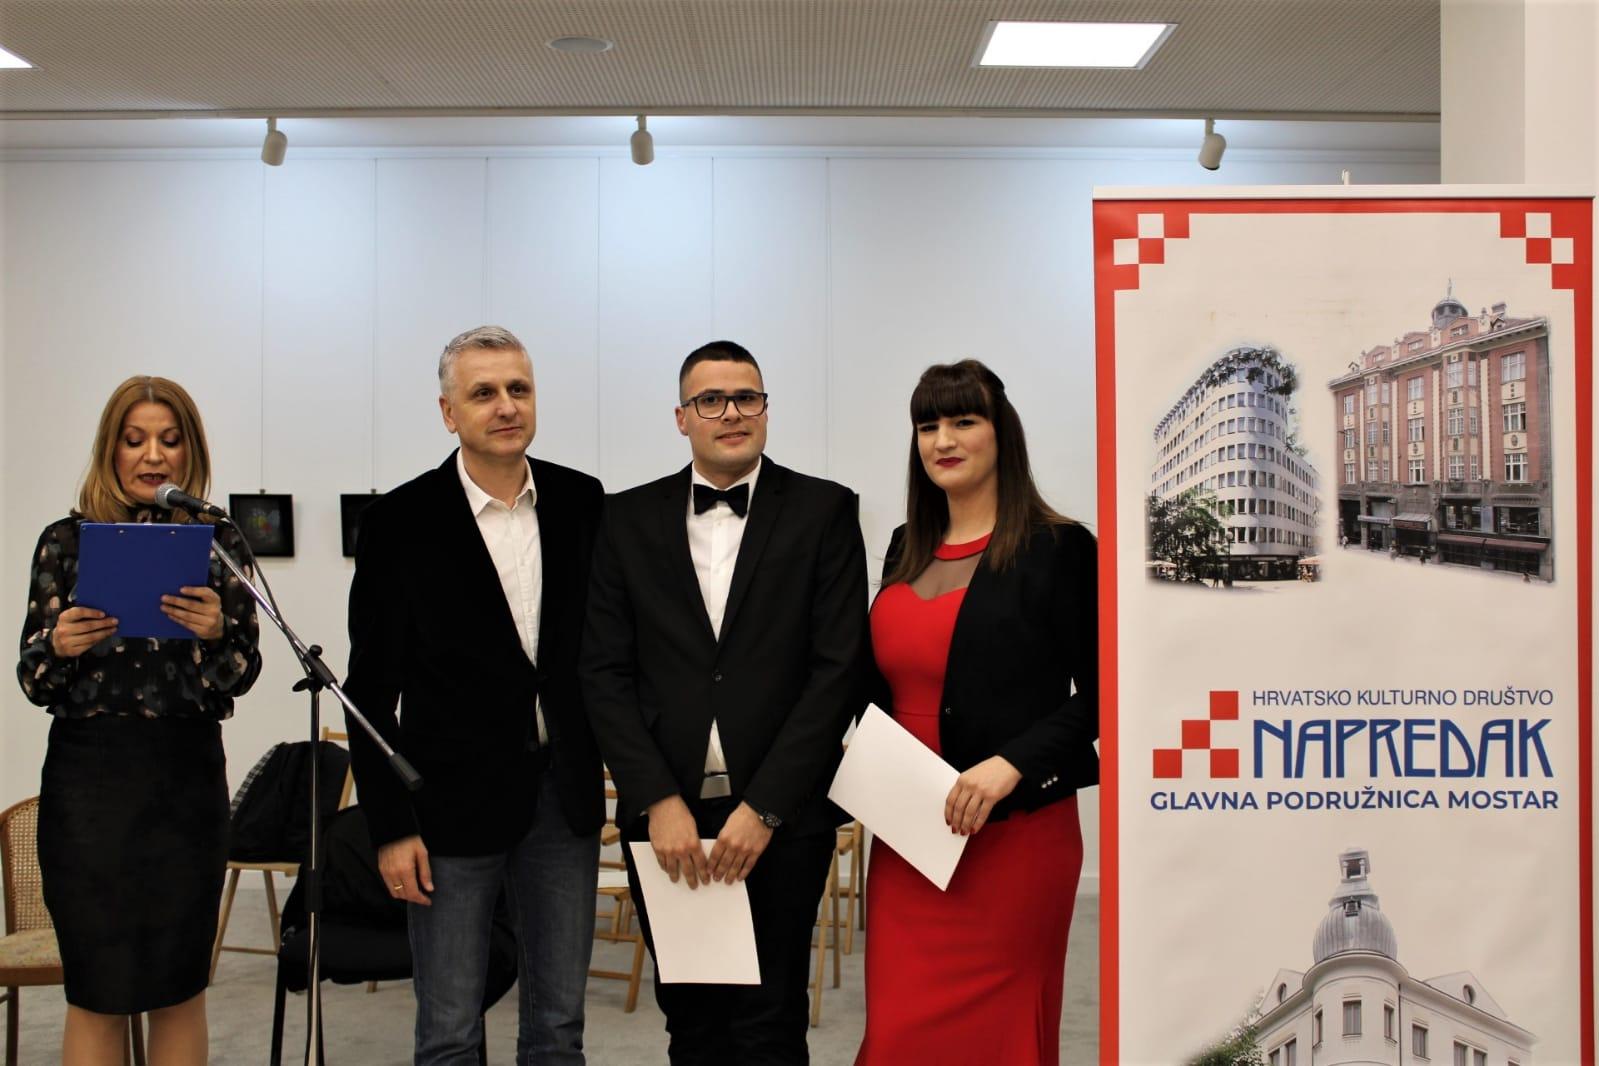 Mostarski Napredak čestitao Dan državnosti Republici Hrvatskoj